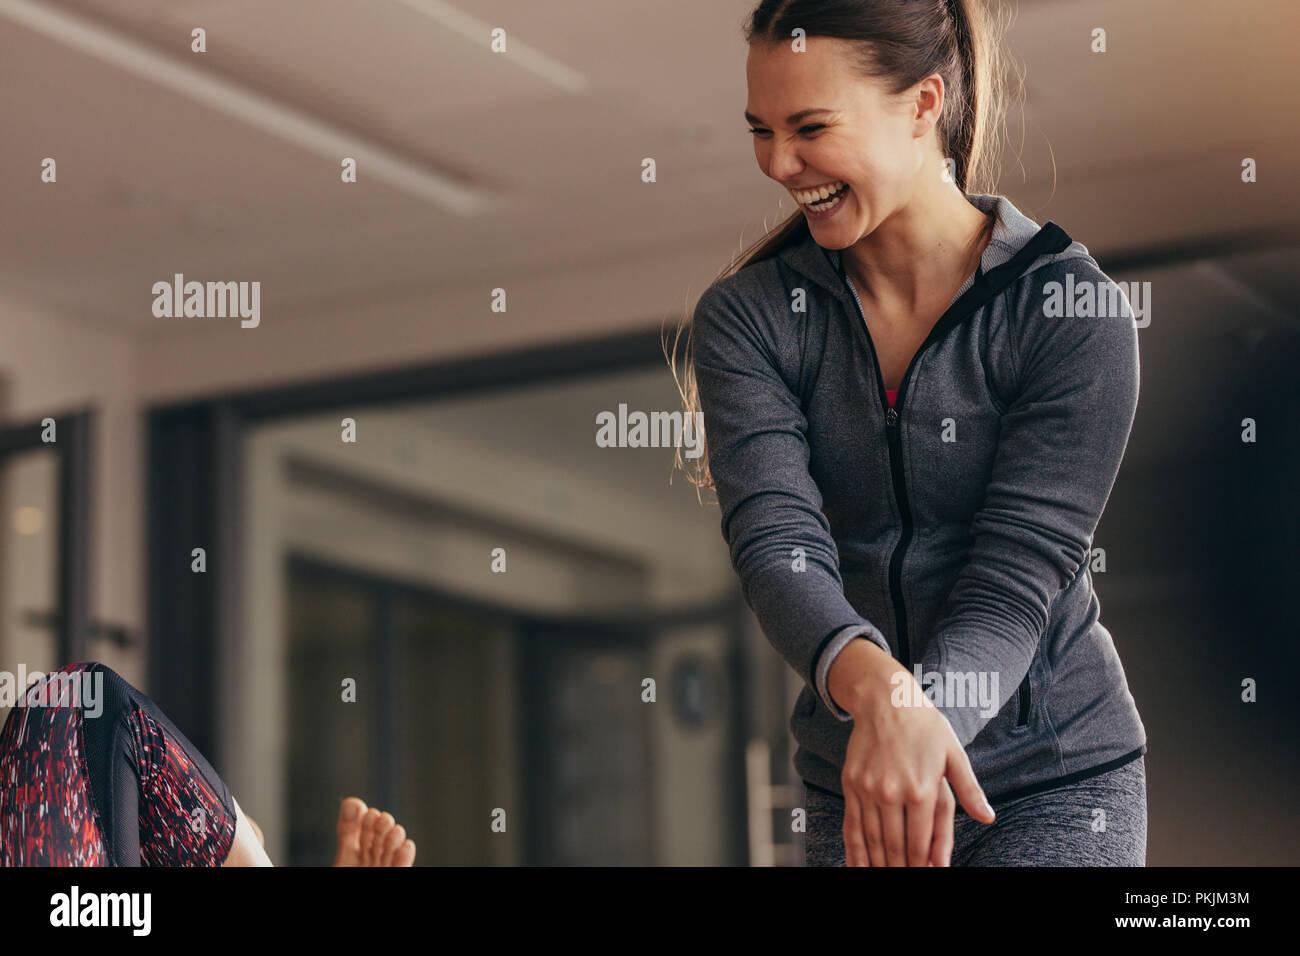 Entrenador femenino mujer rectores durante el entrenamiento pilates en un gimnasio. Instructor de pilates femenino riendo mientras que la capacitación a la mujer en un gimnasio. Imagen De Stock